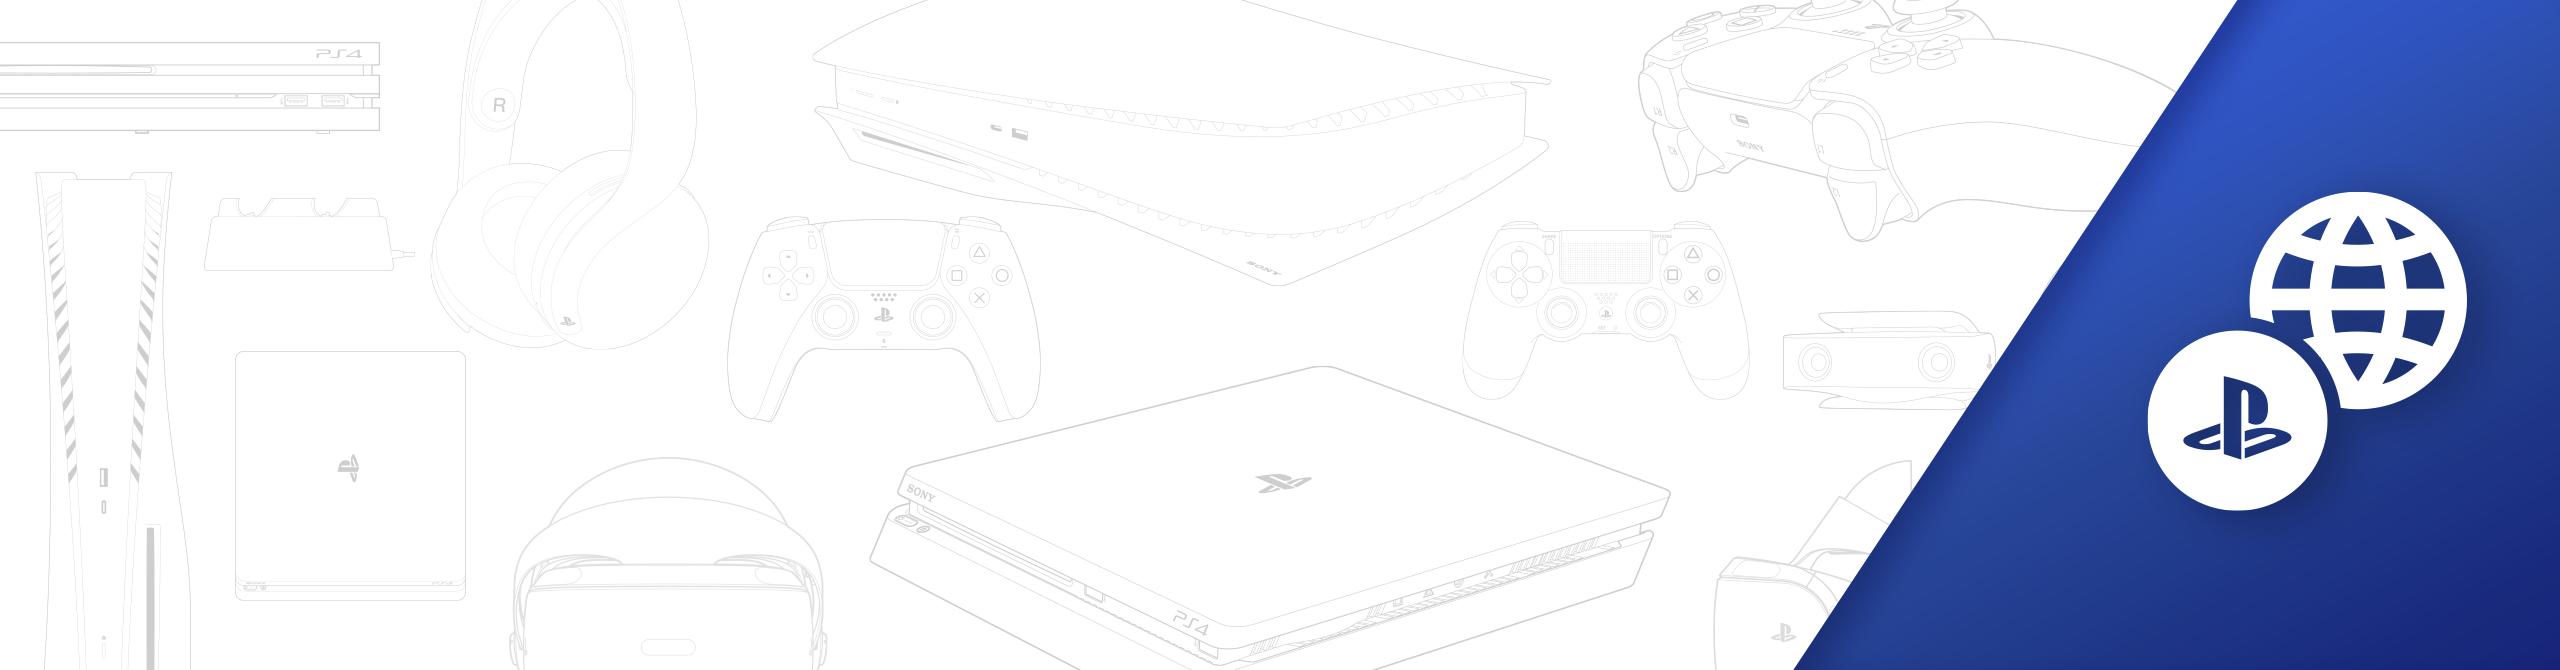 Personas que utilizan productos PlayStation